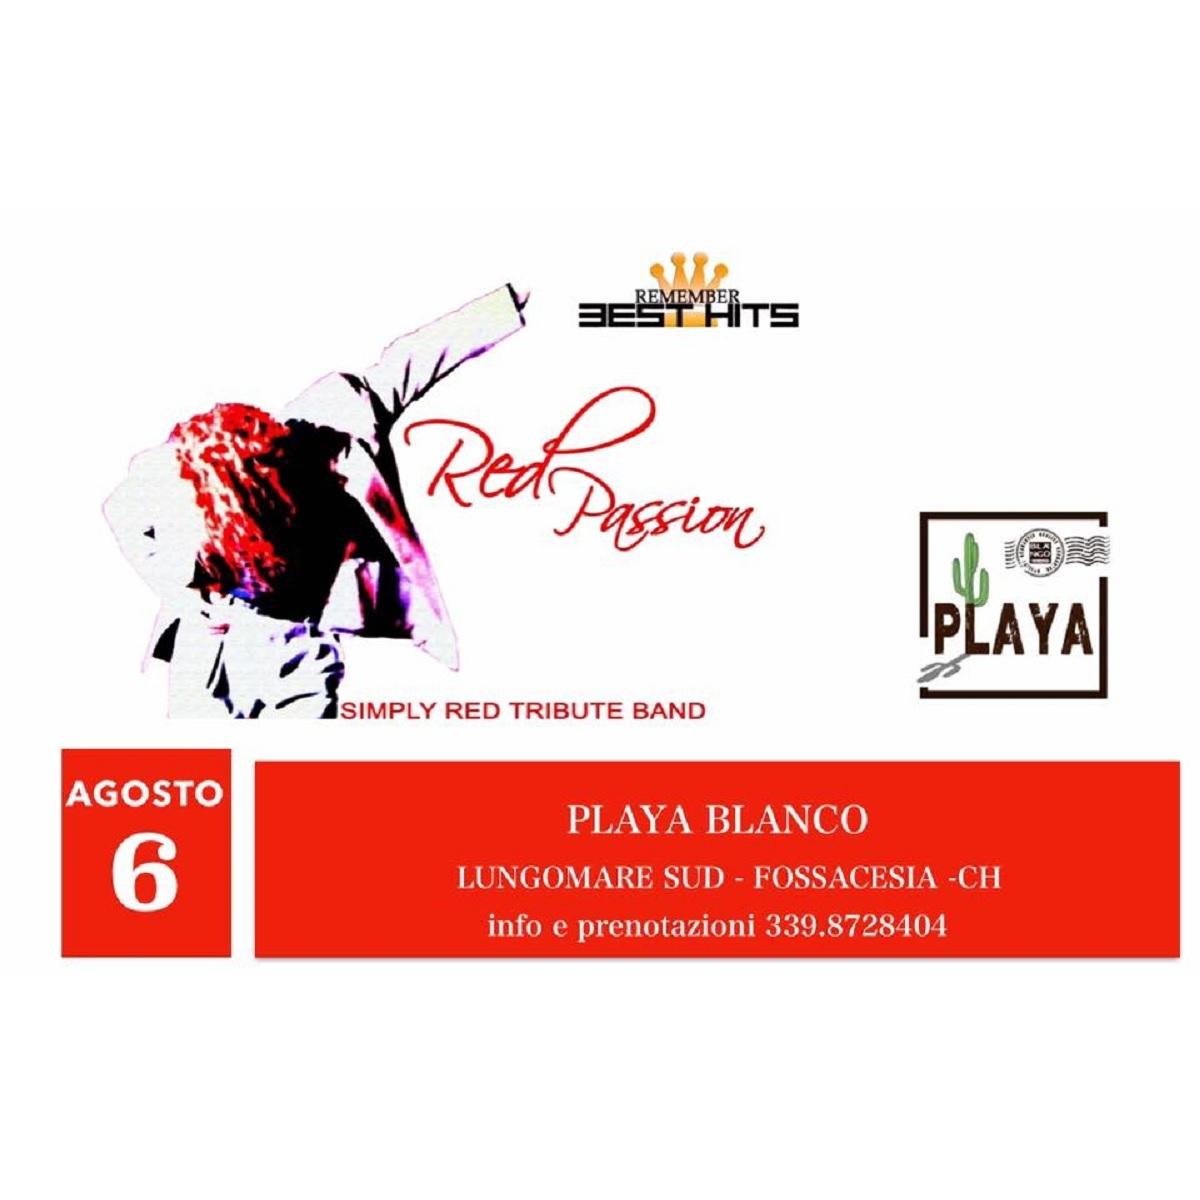 Red Passion al PlayaBlanco a Fossacesia 6 agosto 2021 foto